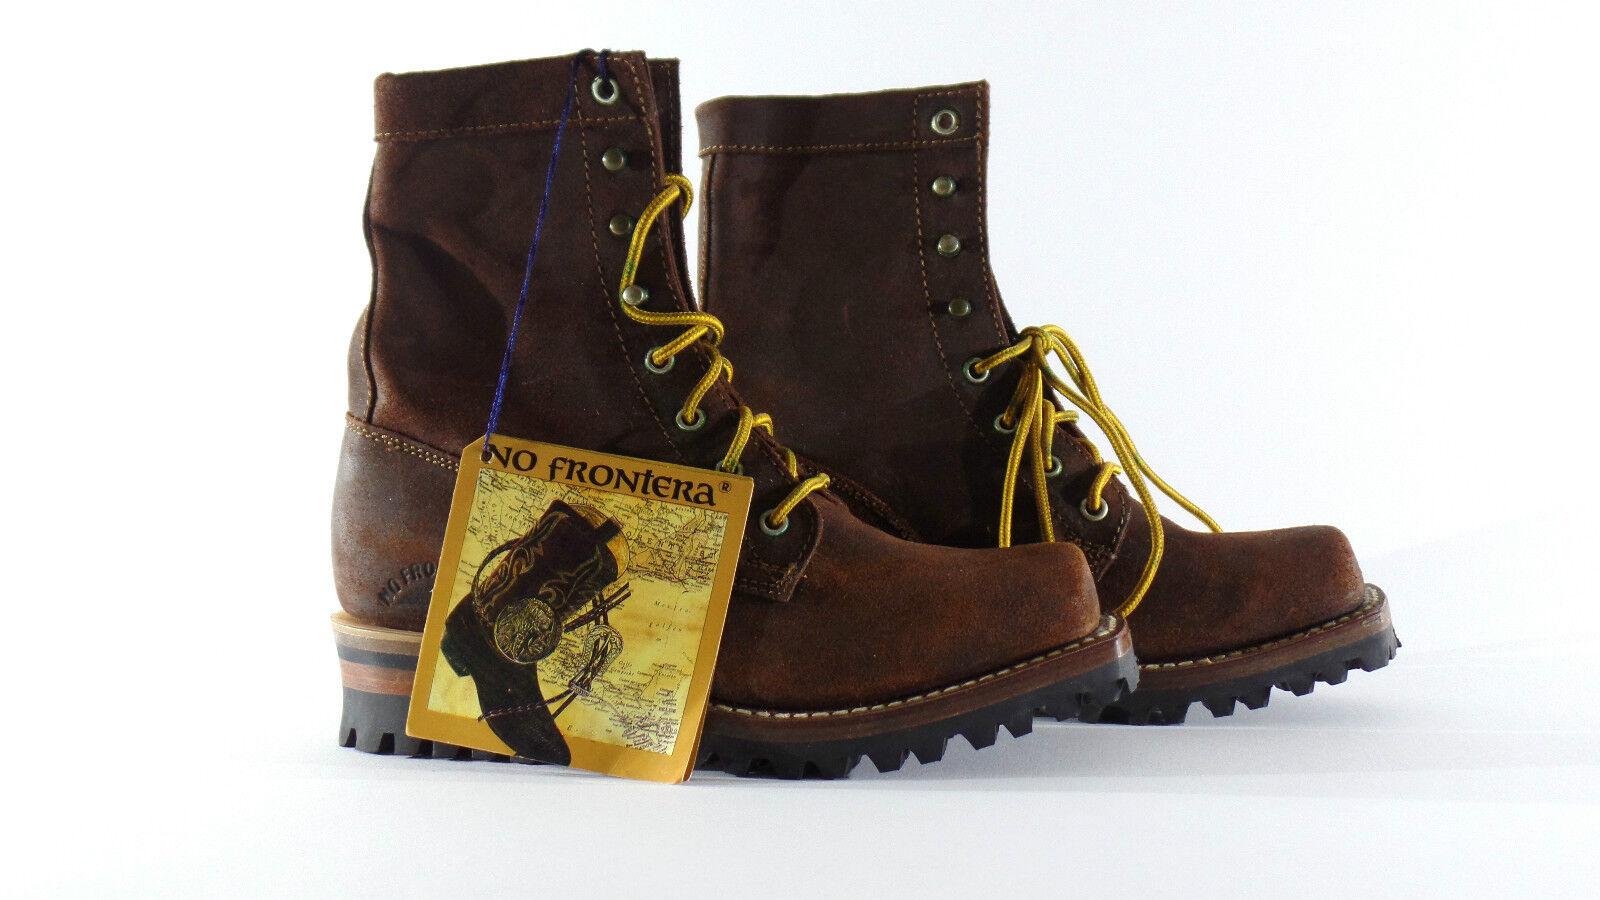 Westernstiefelette laborales vaquero Boot 37 marrón con cordones méxico nuevo...